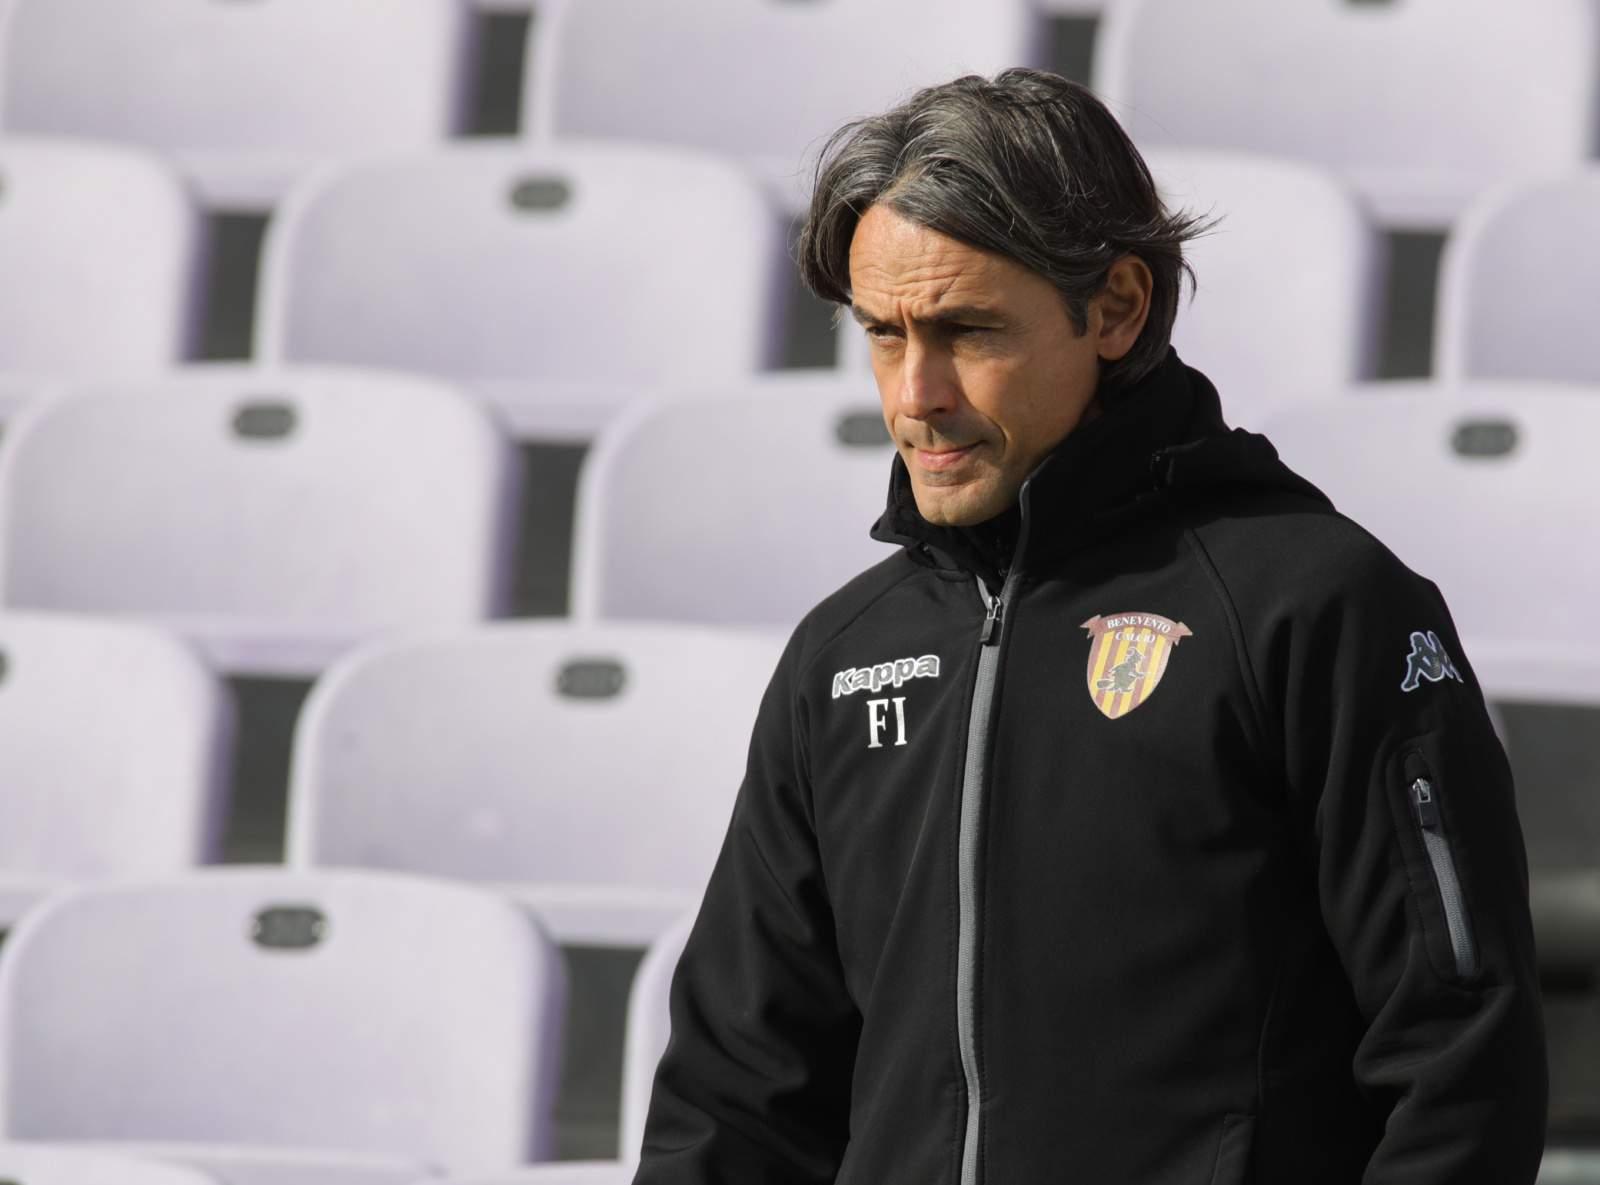 Филиппо Индзаги: На 90 минут перестану быть фанатом «Милана»